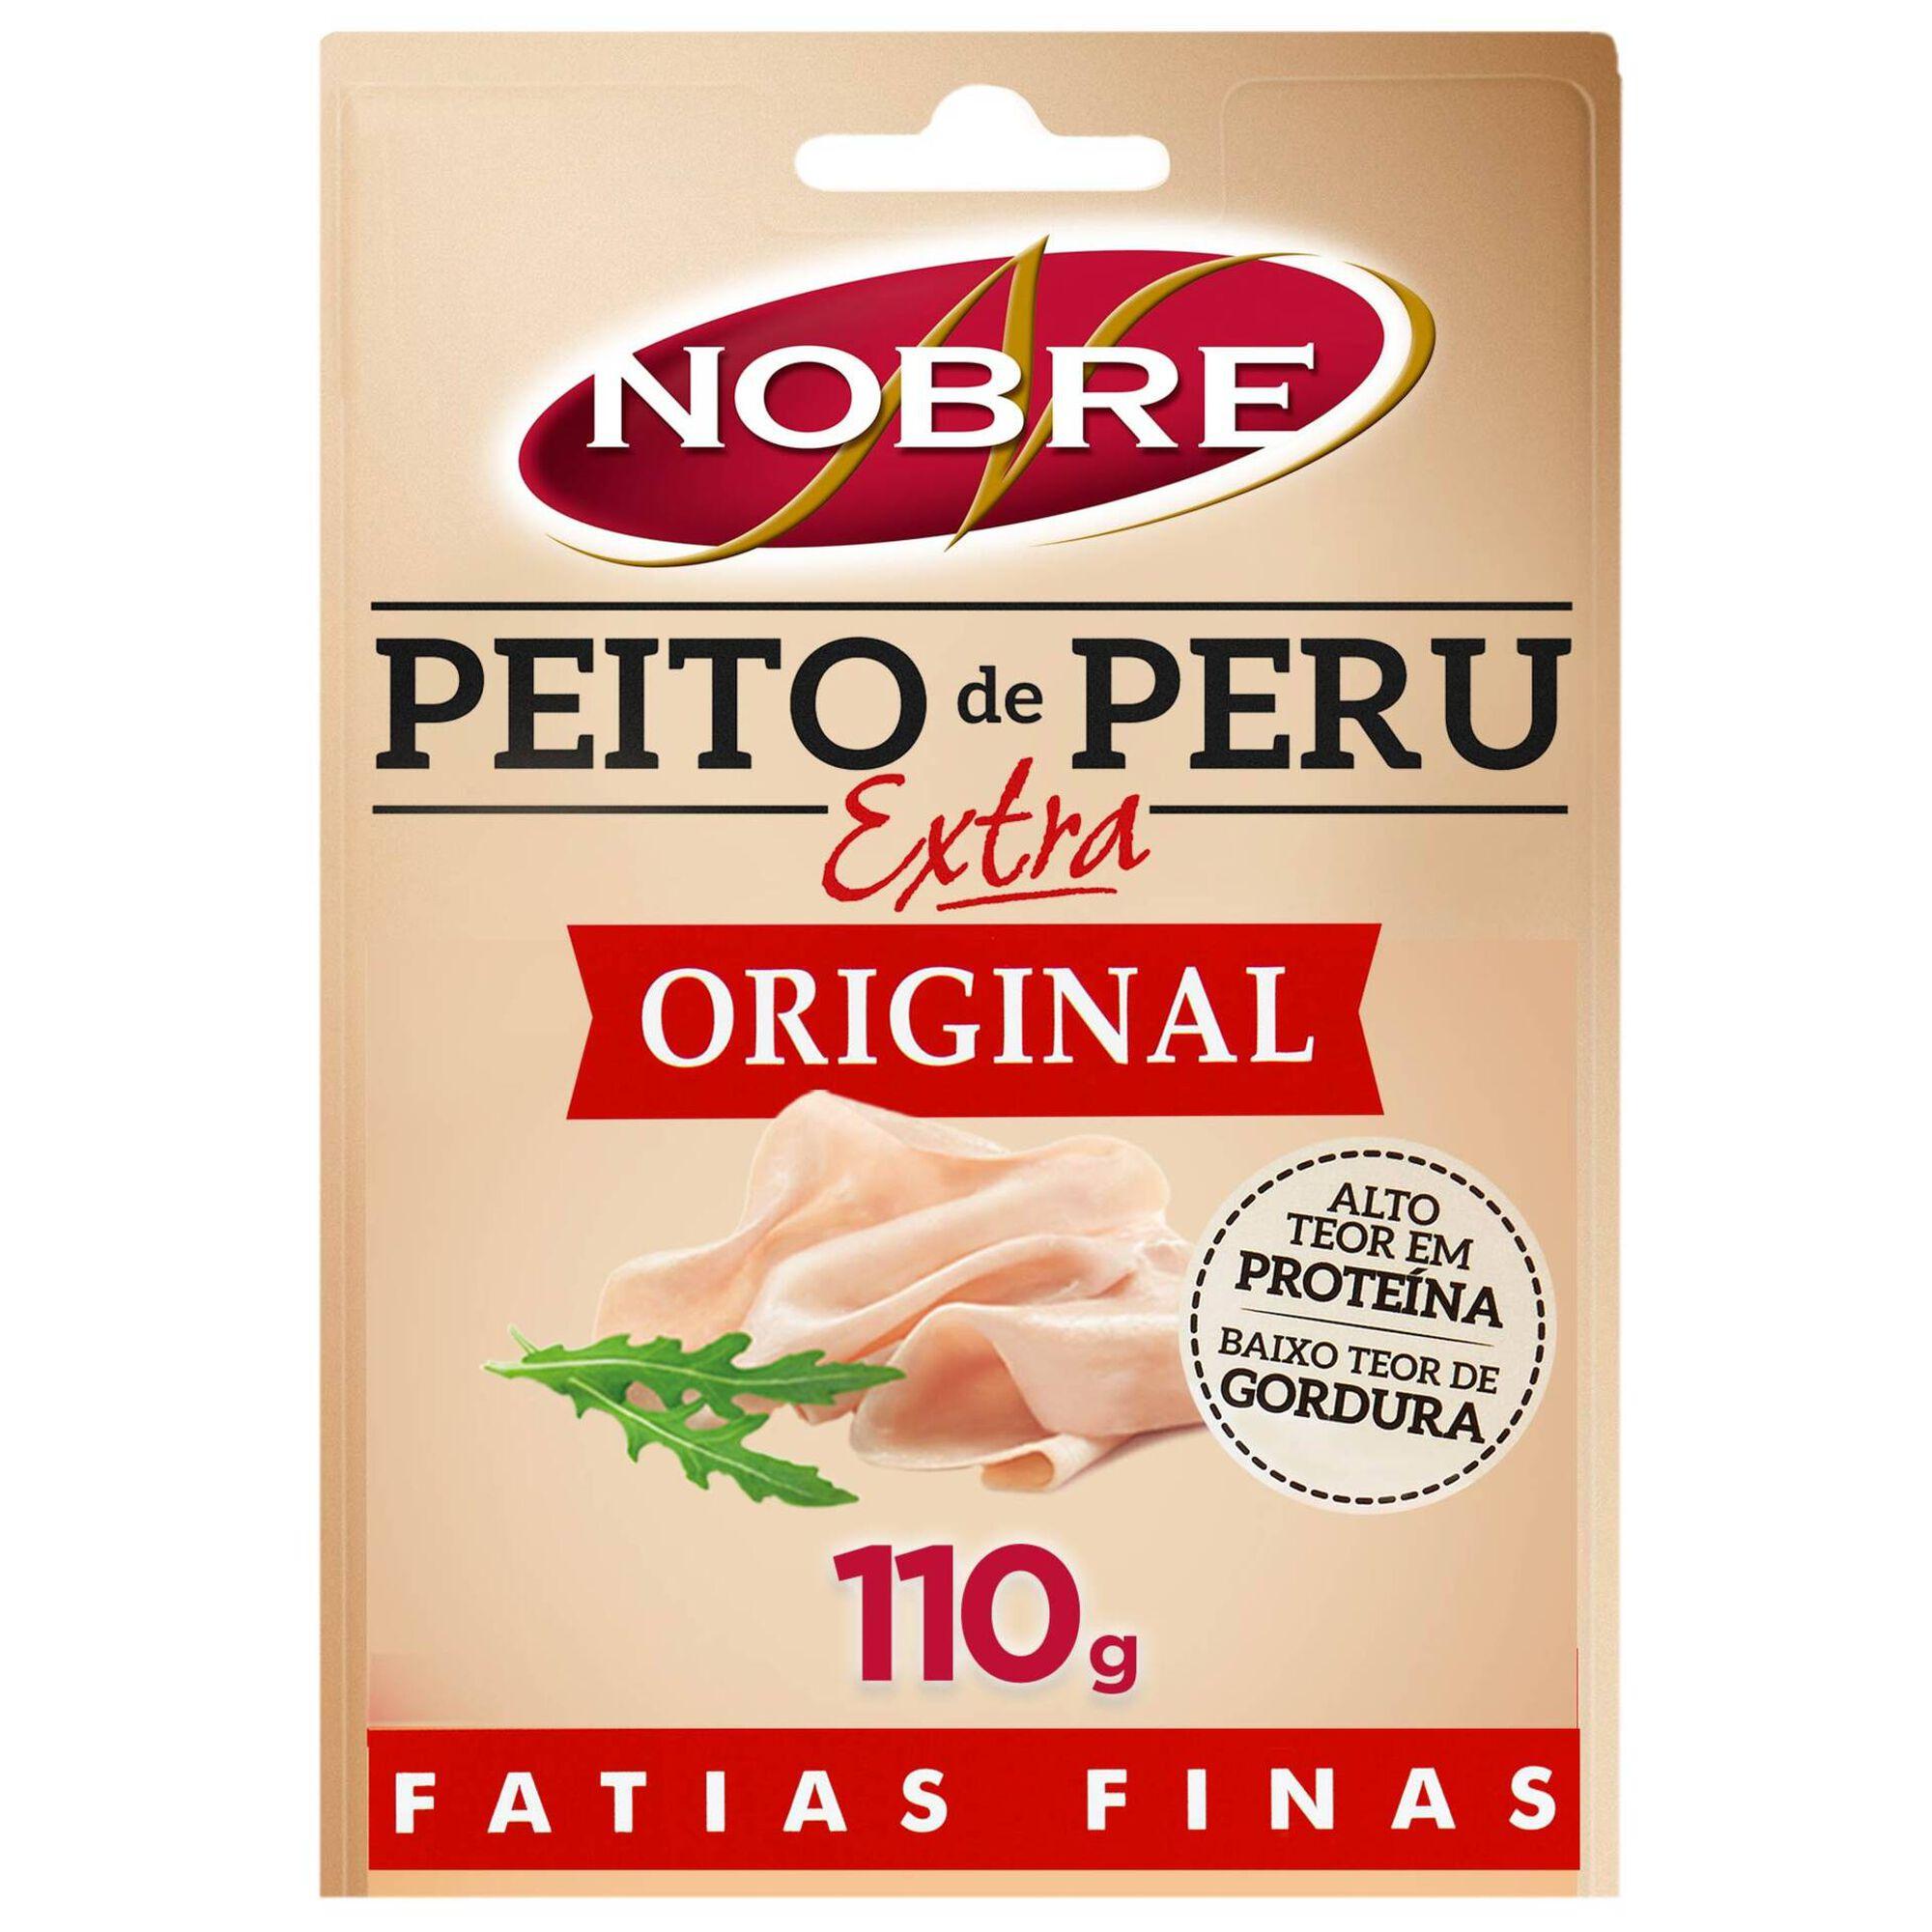 Fiambre de Peito de Peru Extra Fatias Finas